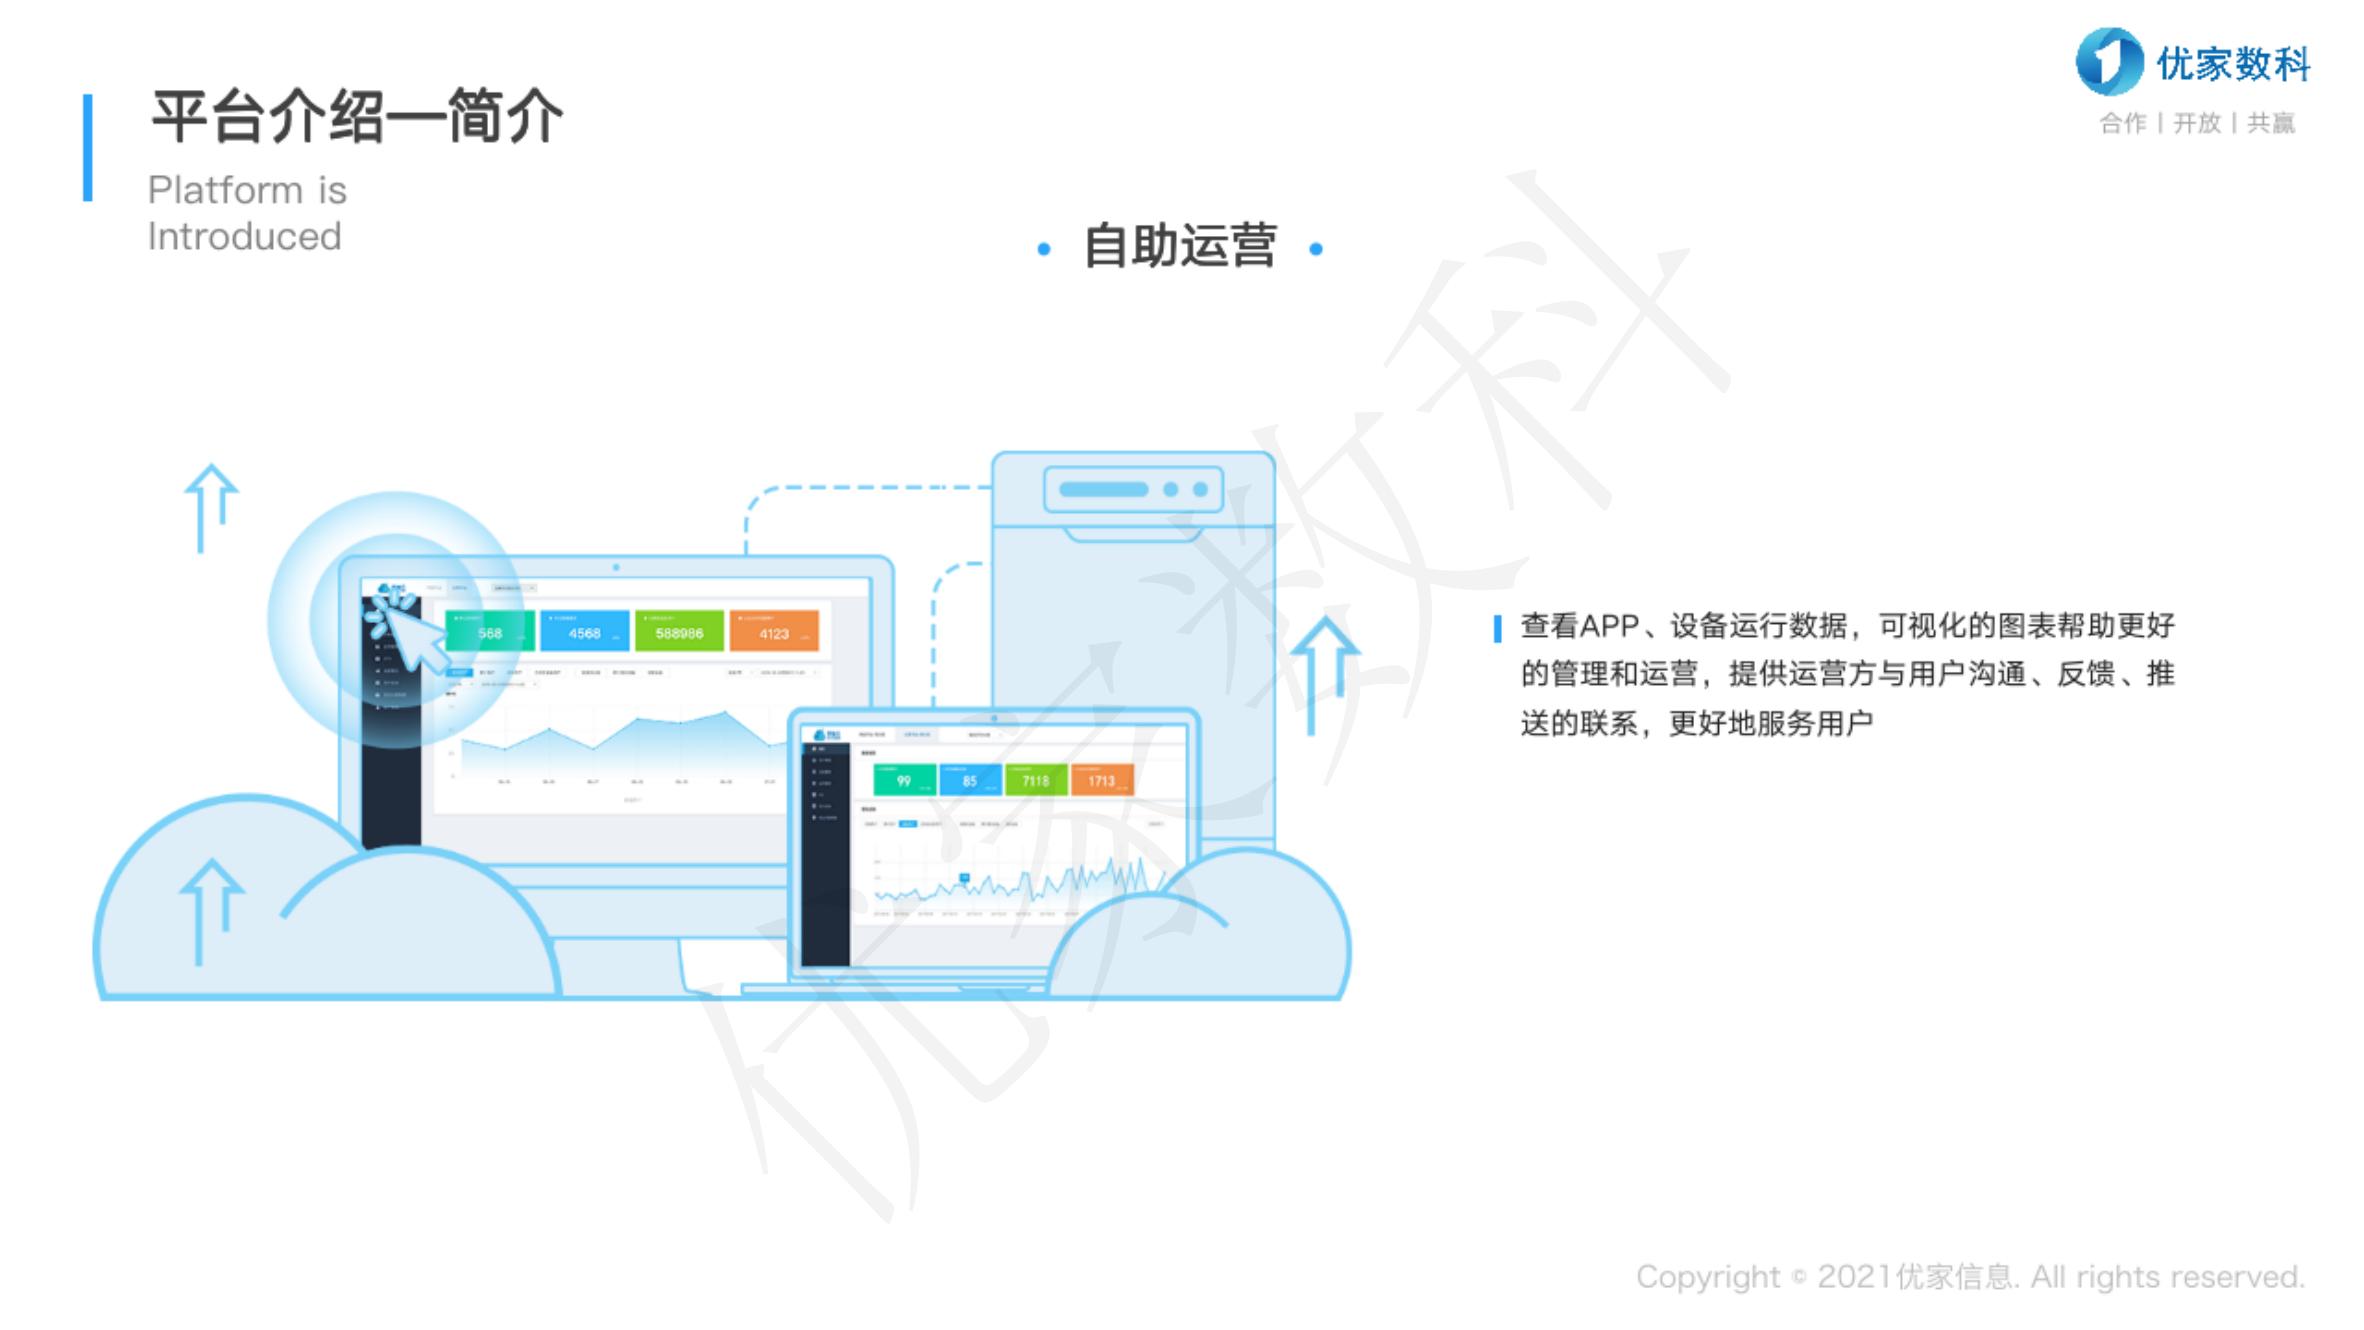 15优家数科自助开发及运营平台简介(水印)_03.png